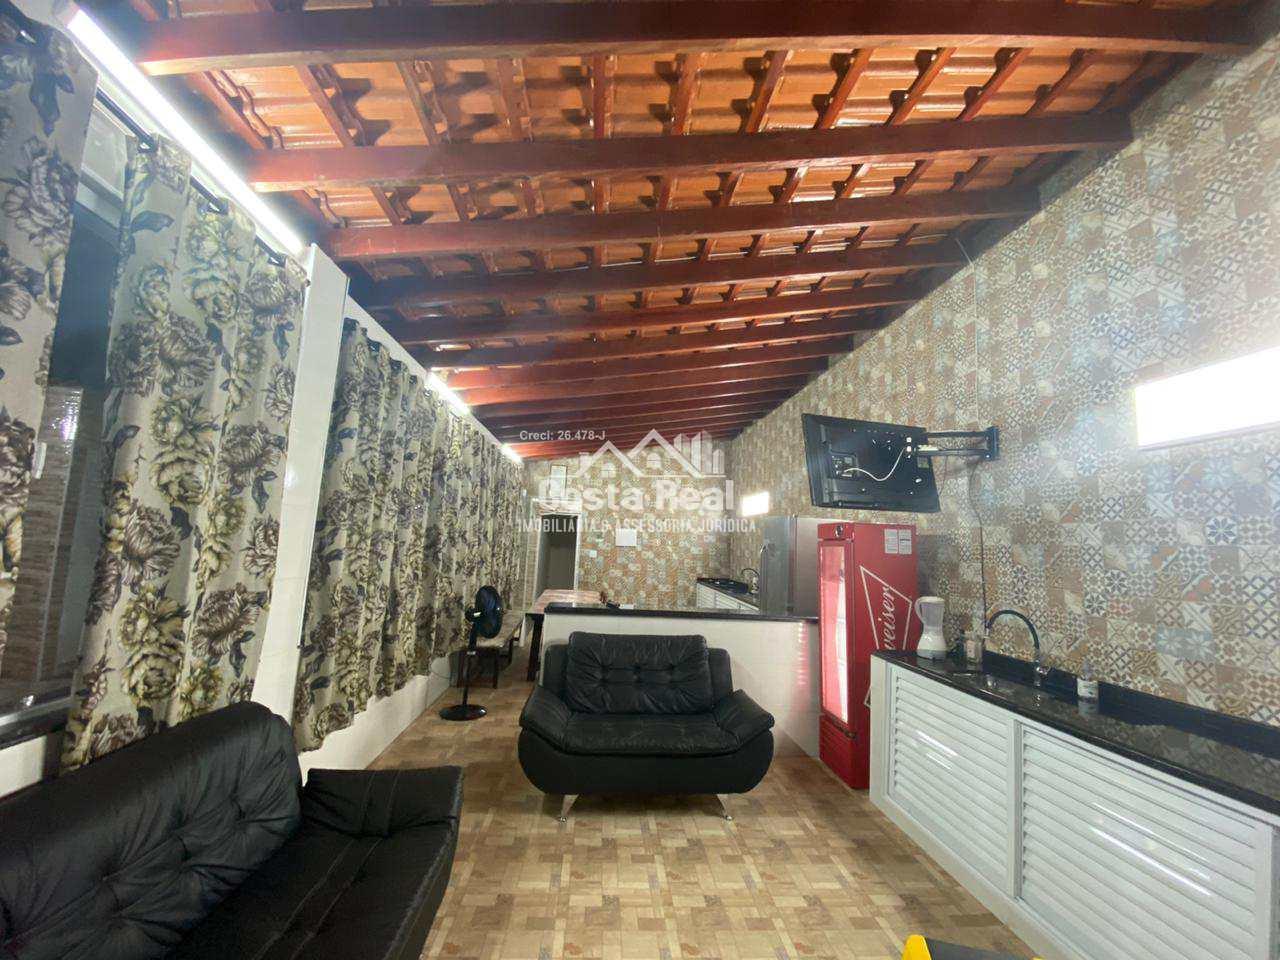 EXCLUSIVO TEMPORADA - Casa alto padrão, Praia Grande, Cod: 1325